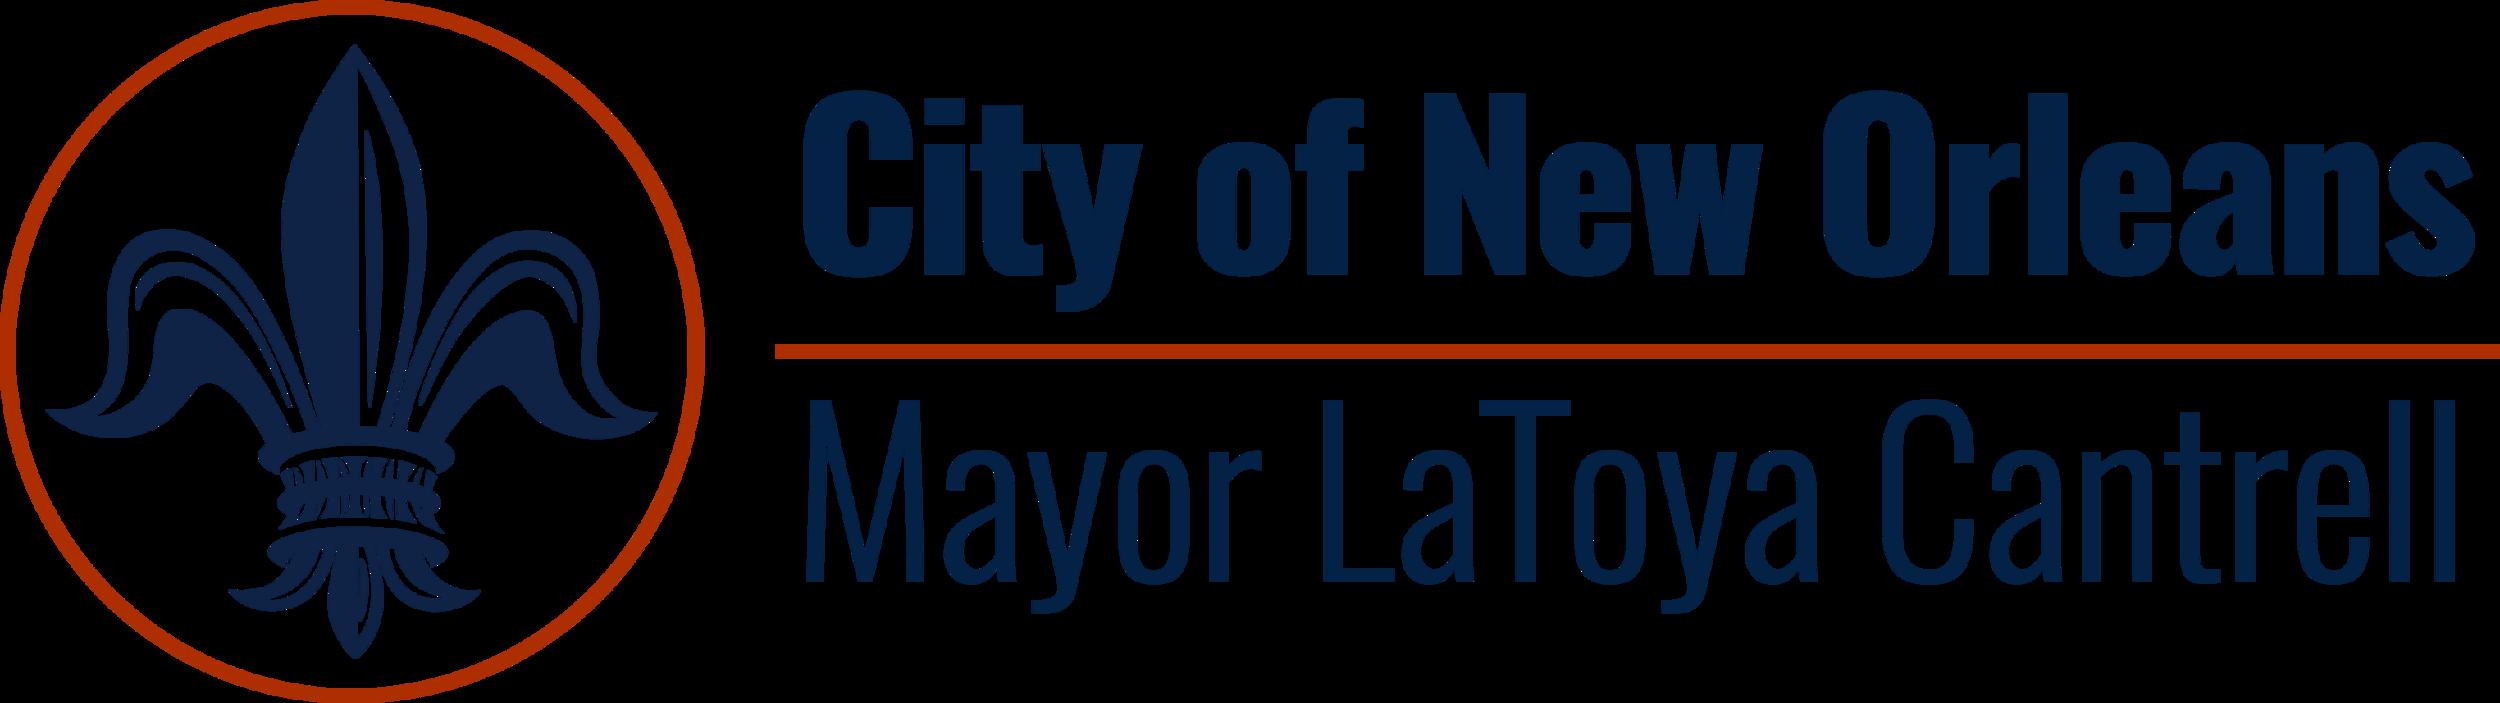 CNO logo 3.png